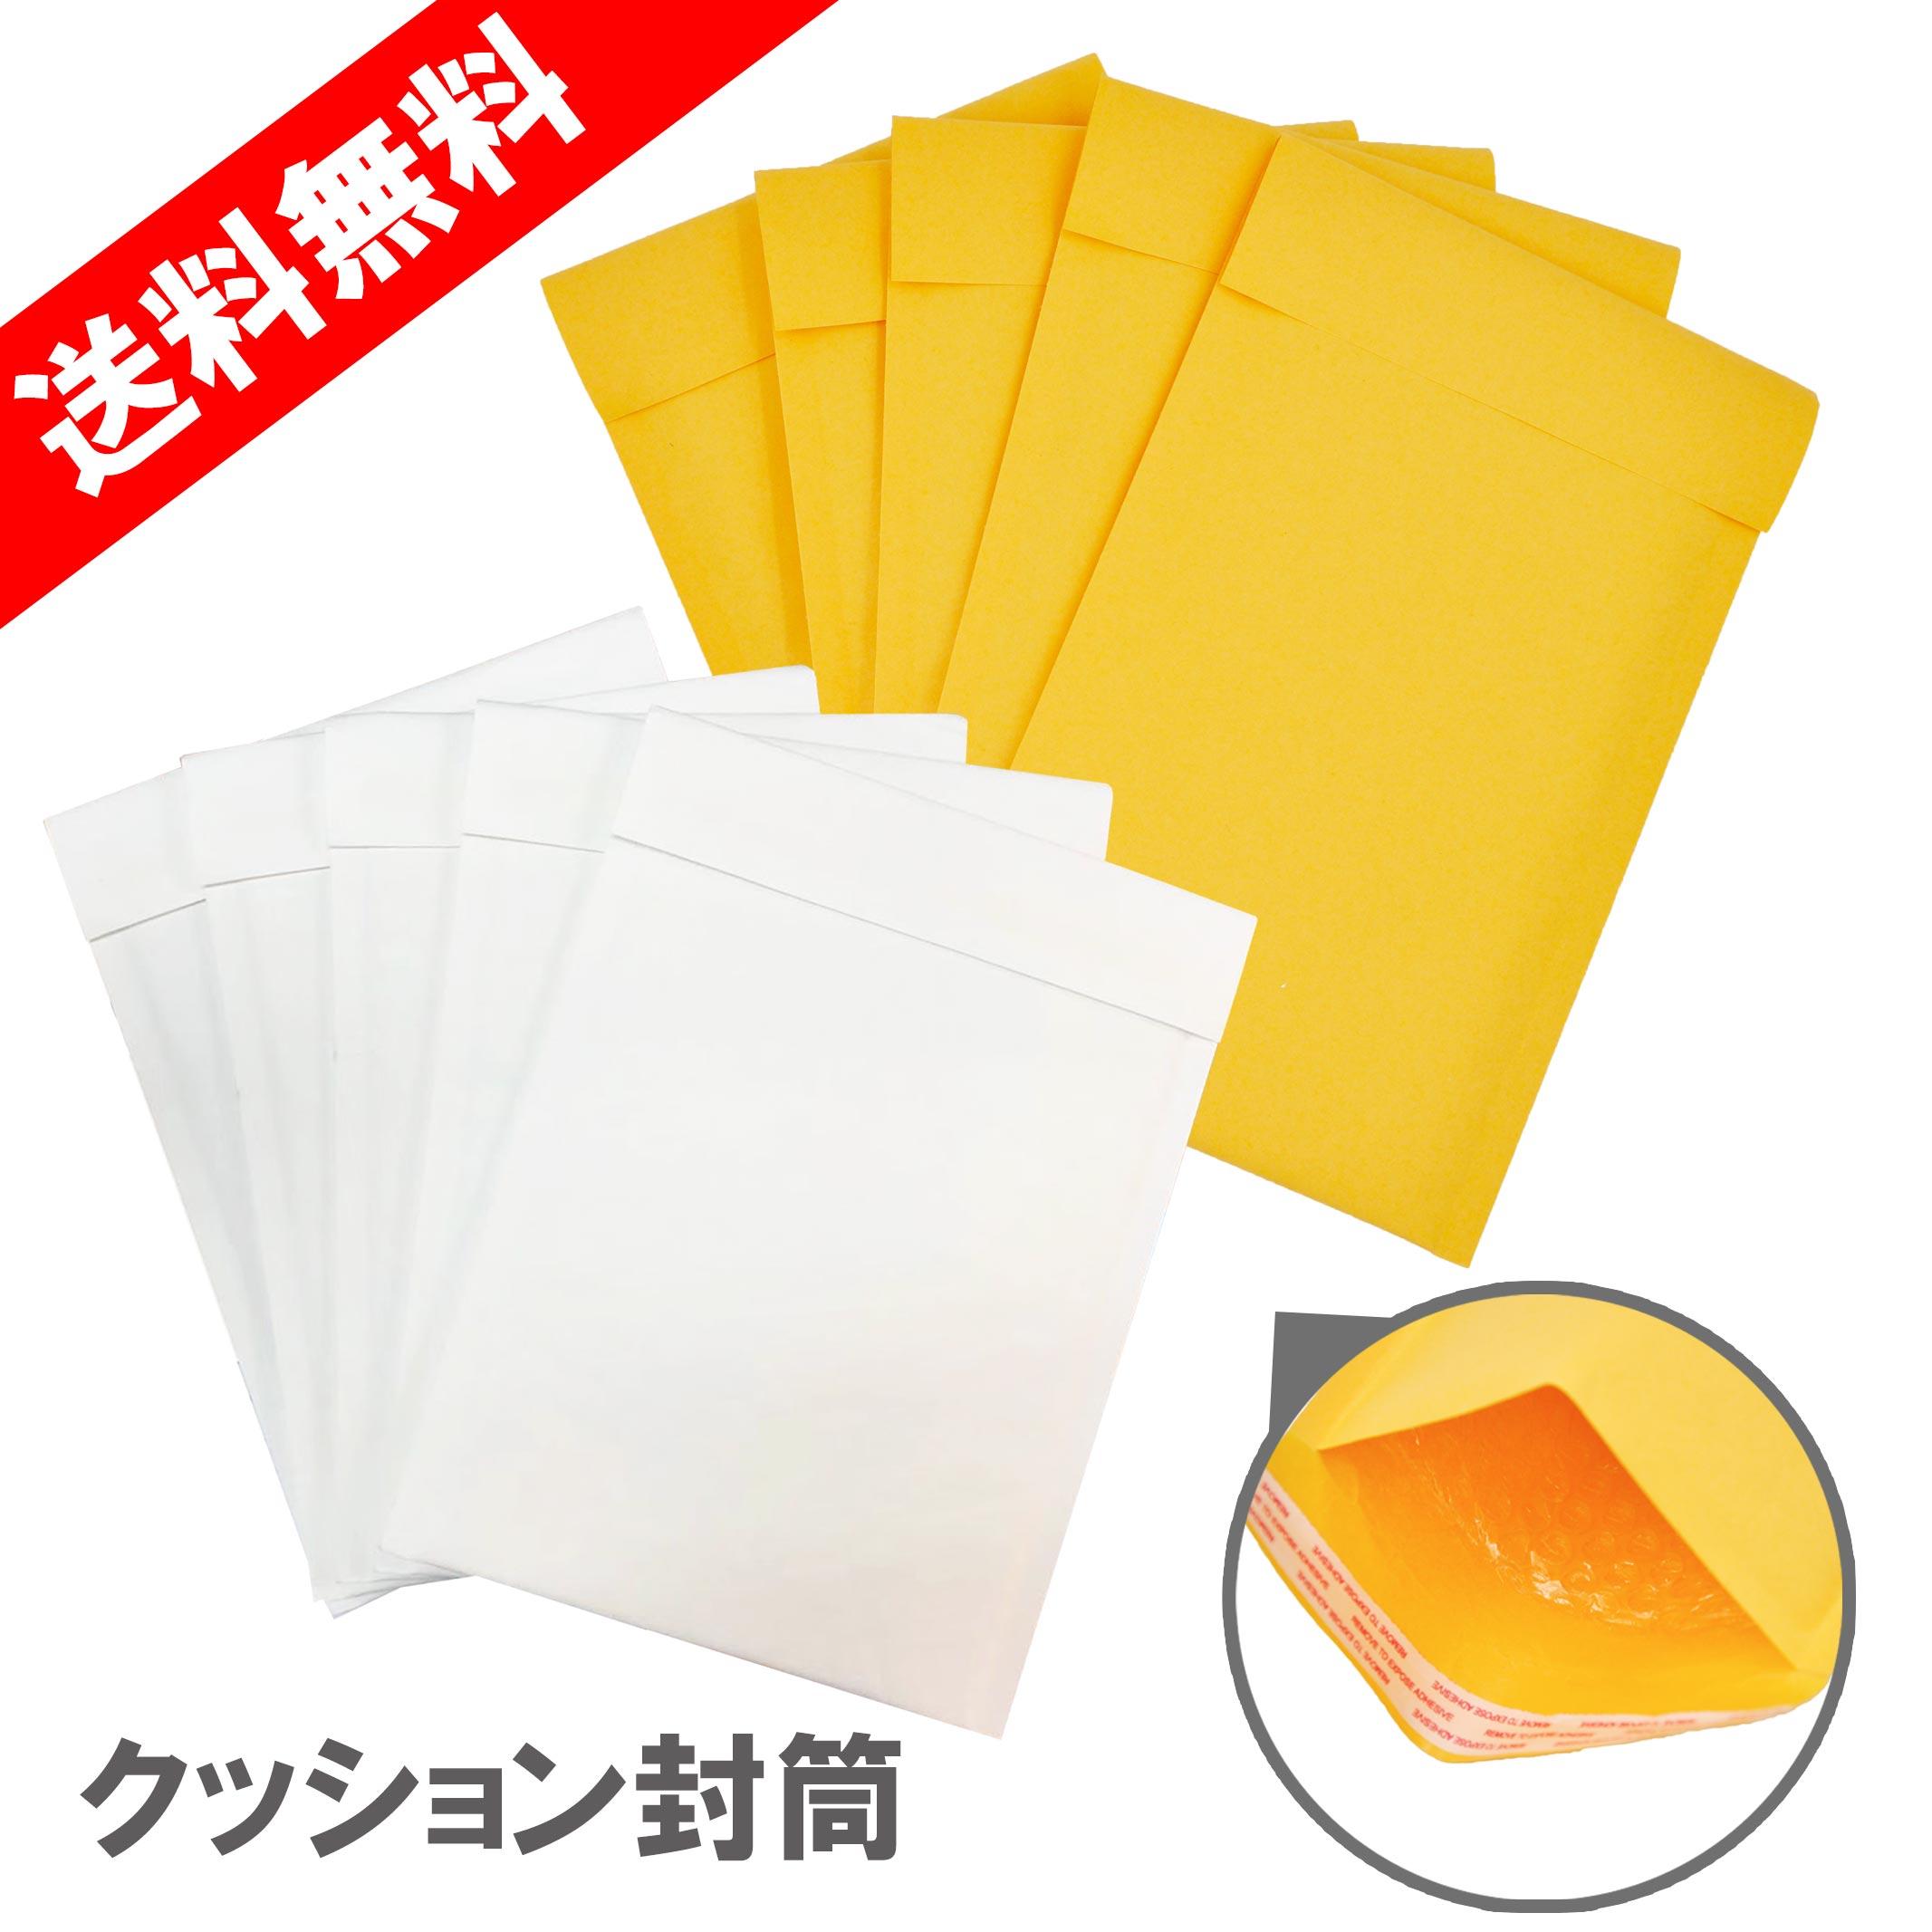 テープ付き クッション 封筒 プチプチ 袋 緩衝材 エアキャップ付き 配送 業務用 梱包資材